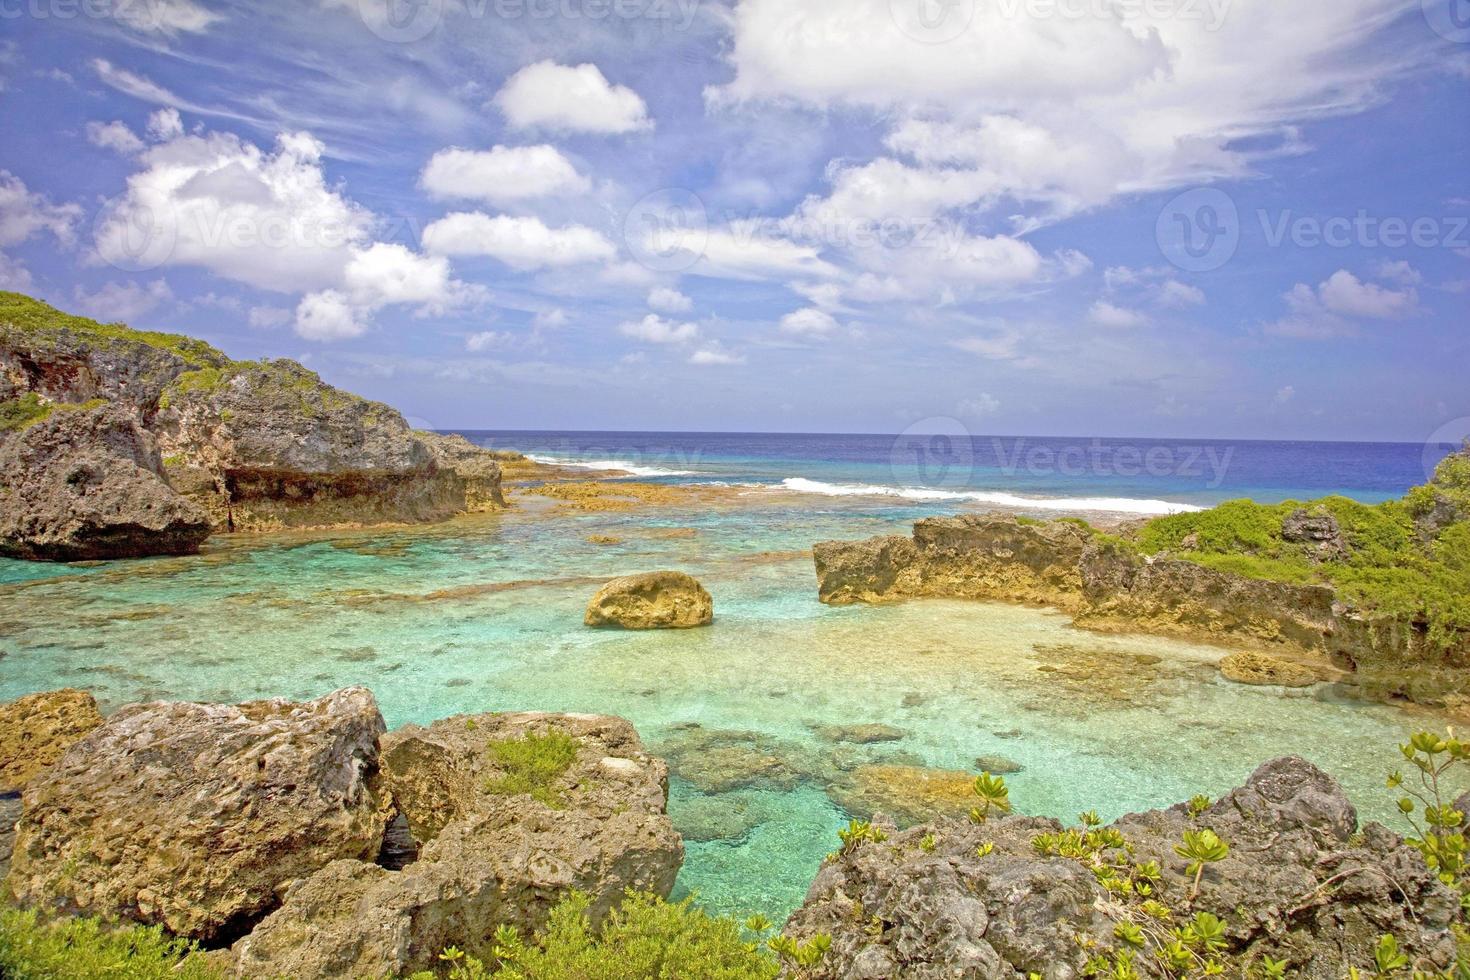 vista sobre piscinas limu em direção ao oceano, niue. foto